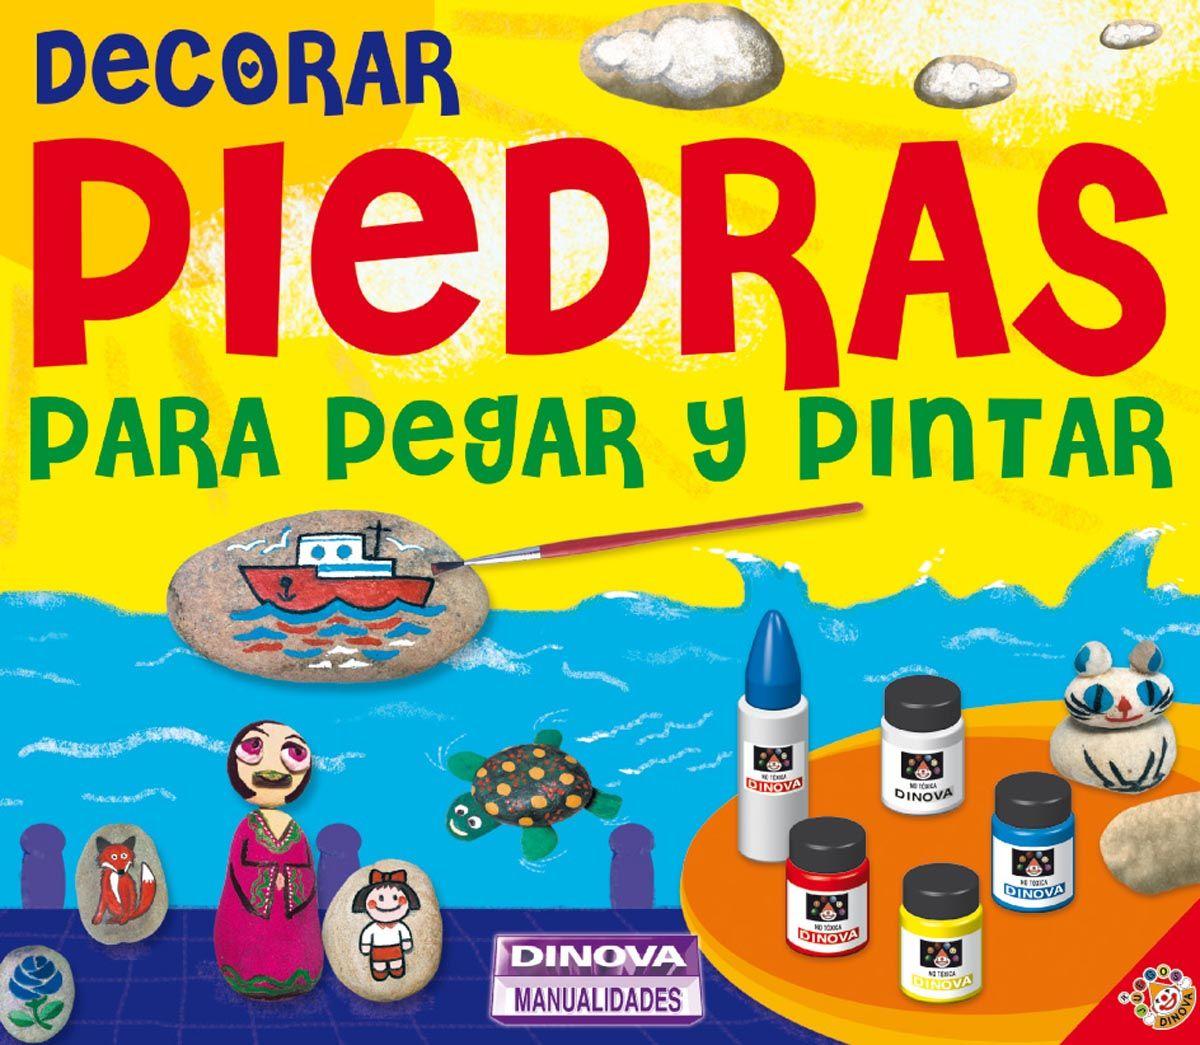 Manualidades - Juegos educativos - Juegos Dinova - Decorar piedras ...